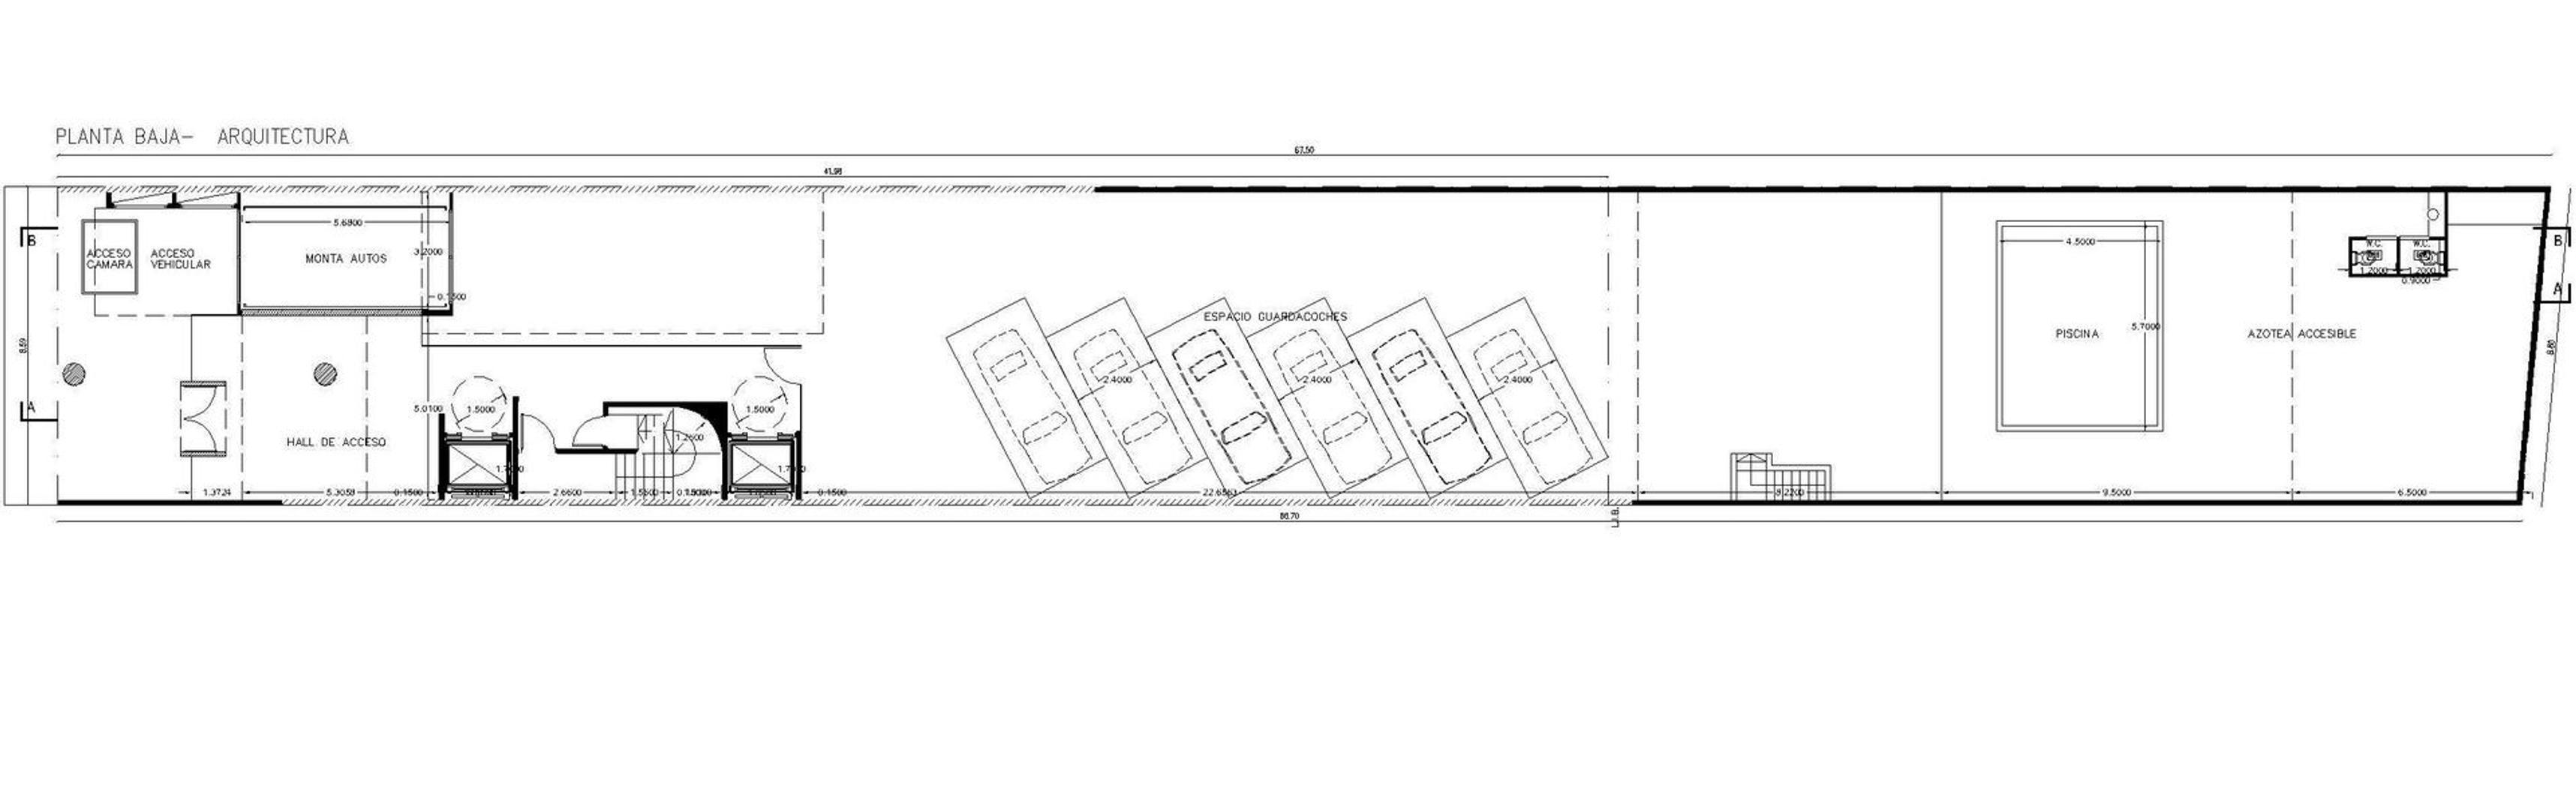 Departamento - 81 m² | 2 dormitorios | A estrenar